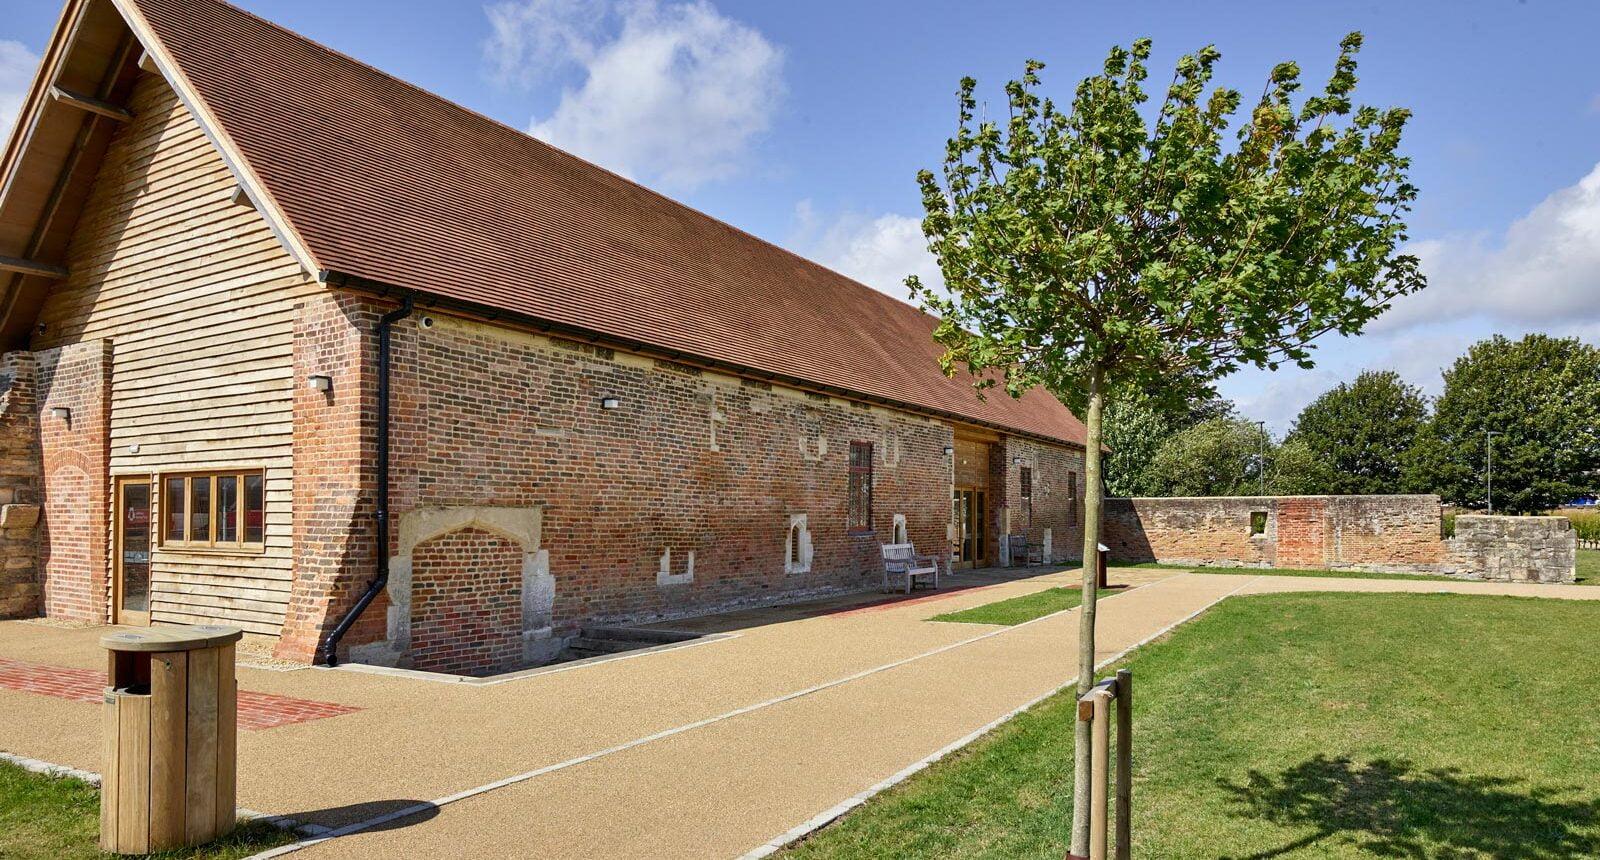 Exterior of Henry Dene Hall in Gloucester venue